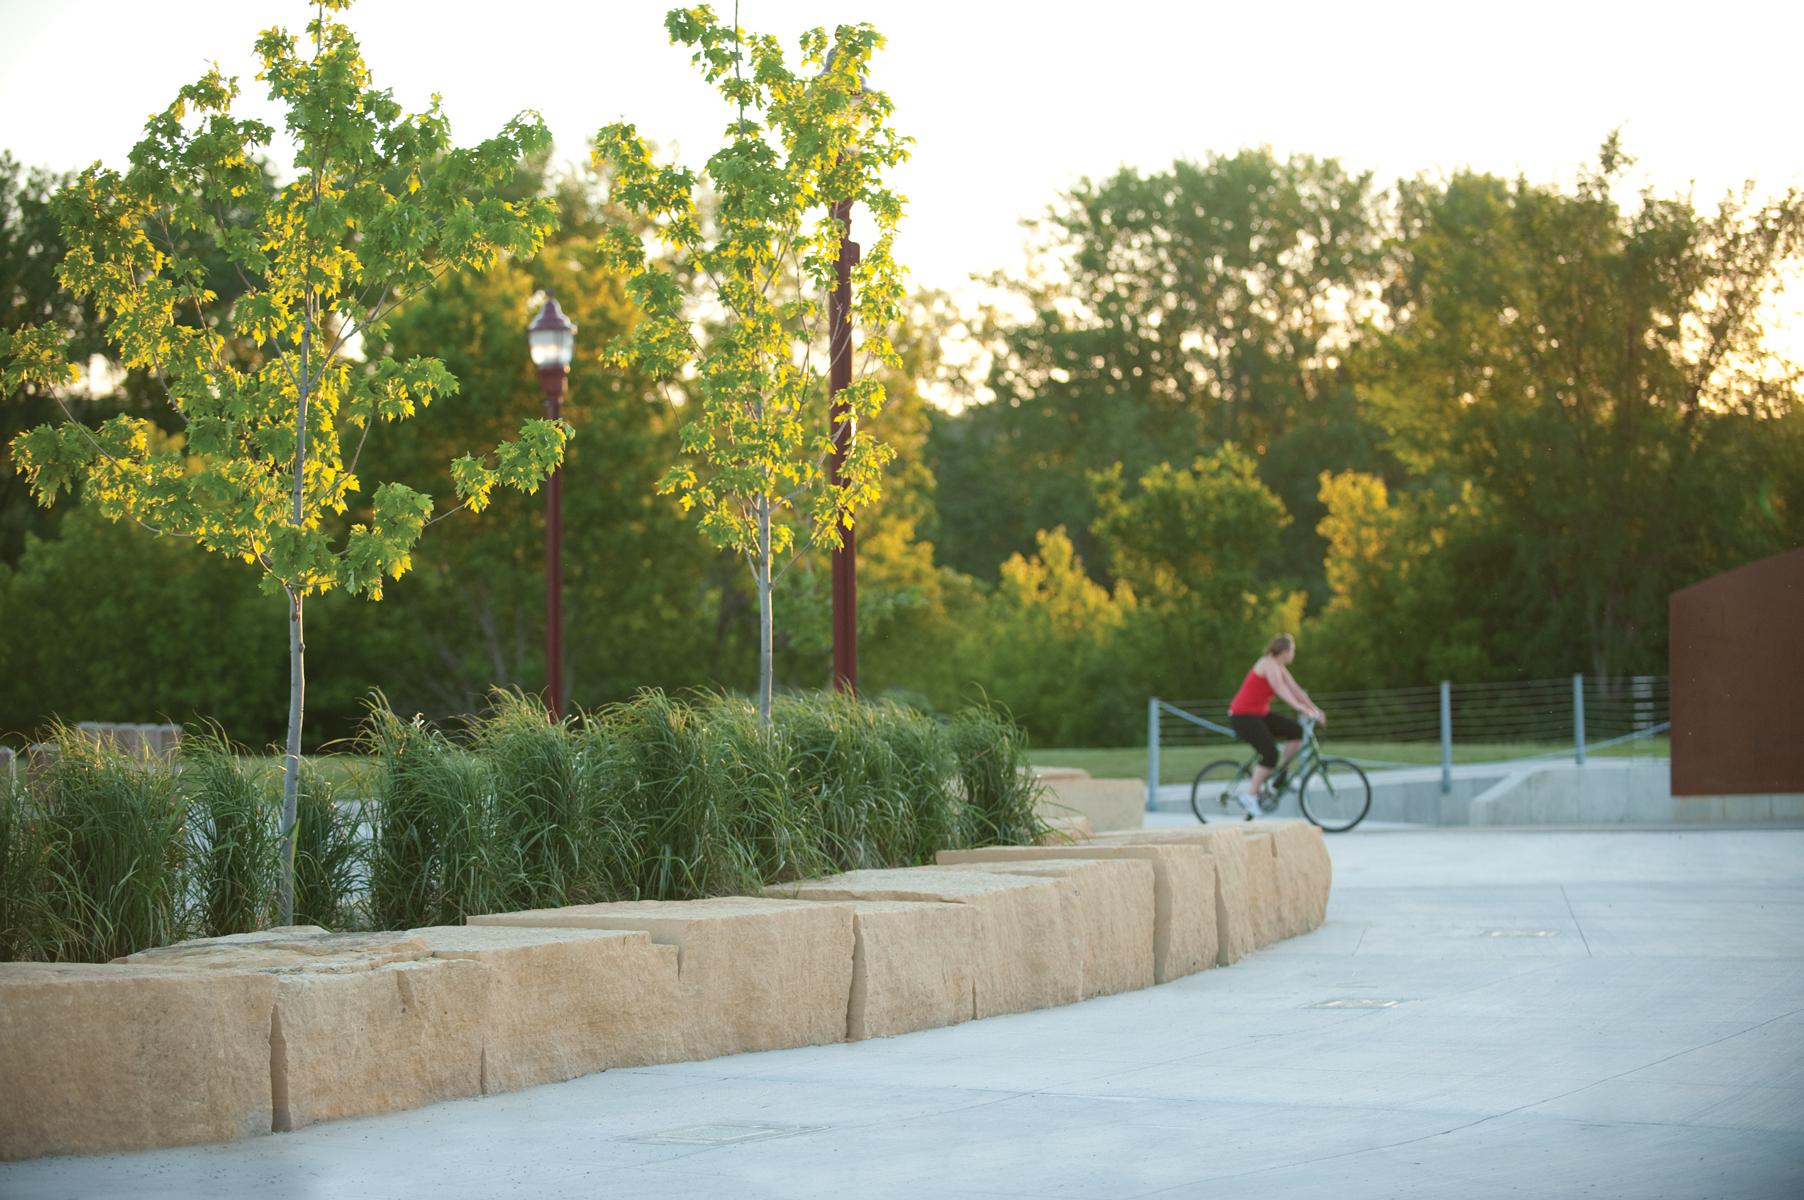 riverfrontpark-0366-copy